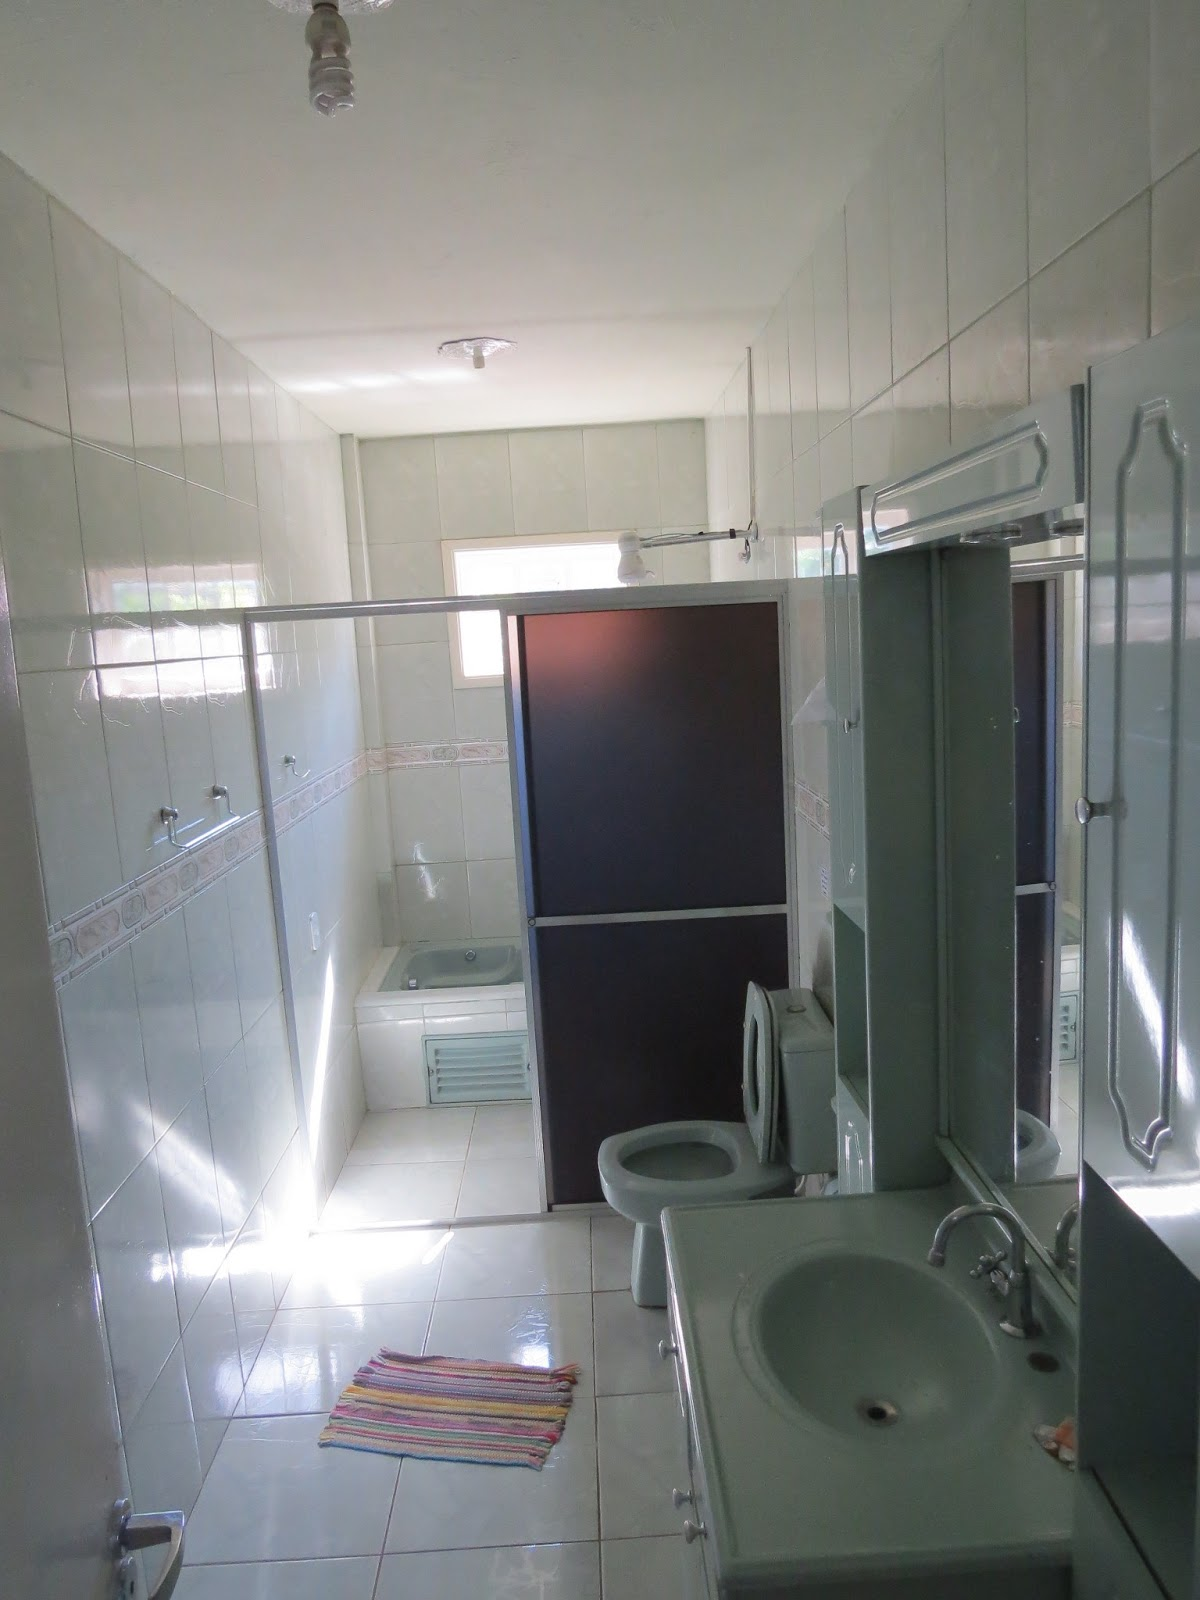 : HOTEL GREEN HOUSE REPÚBLICA/POUSADA EM FOZ DO IGUAÇU BRASIL #566275 1200 1600